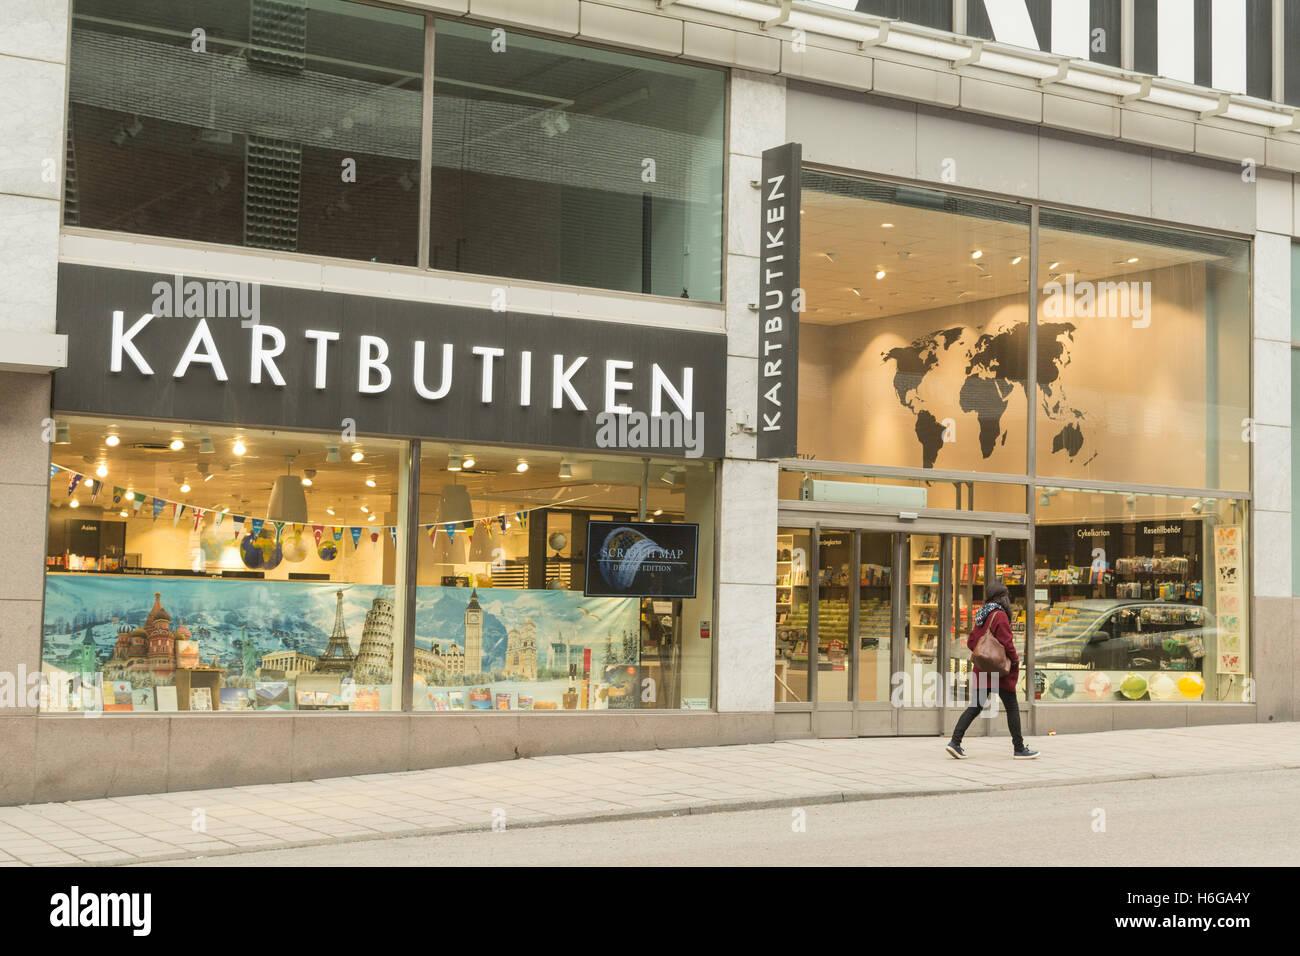 Mappa e libro di viaggio Kartbutiken negozio di Stoccolma Immagini Stock